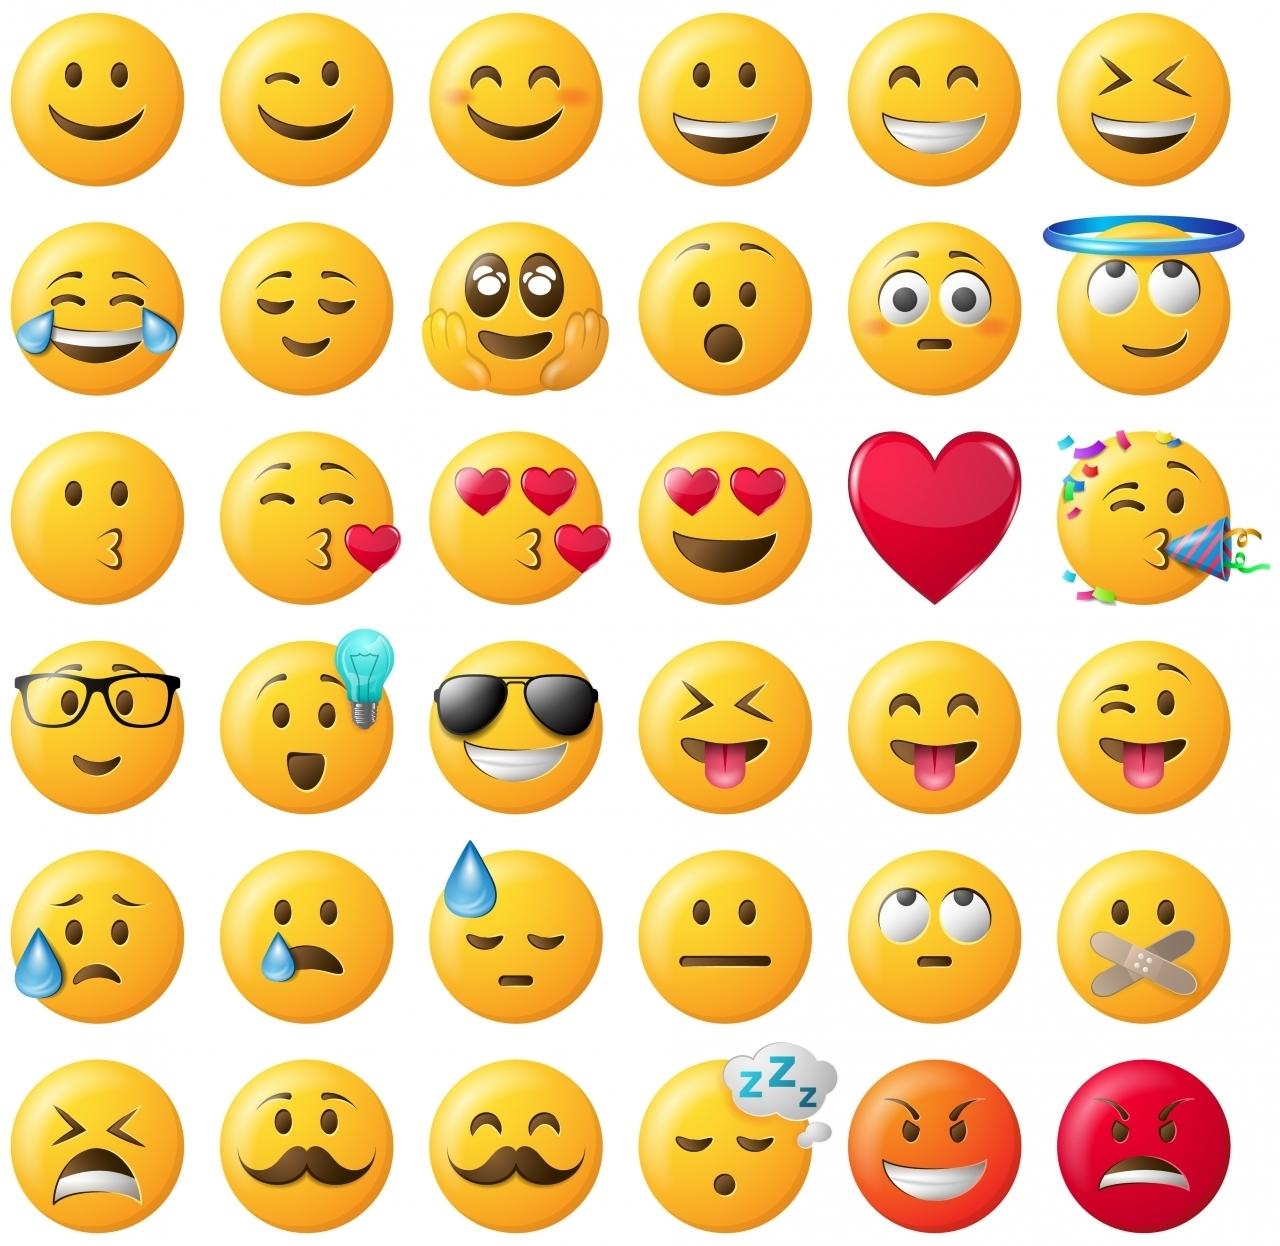 incontri emoji datazione Divas grembiule